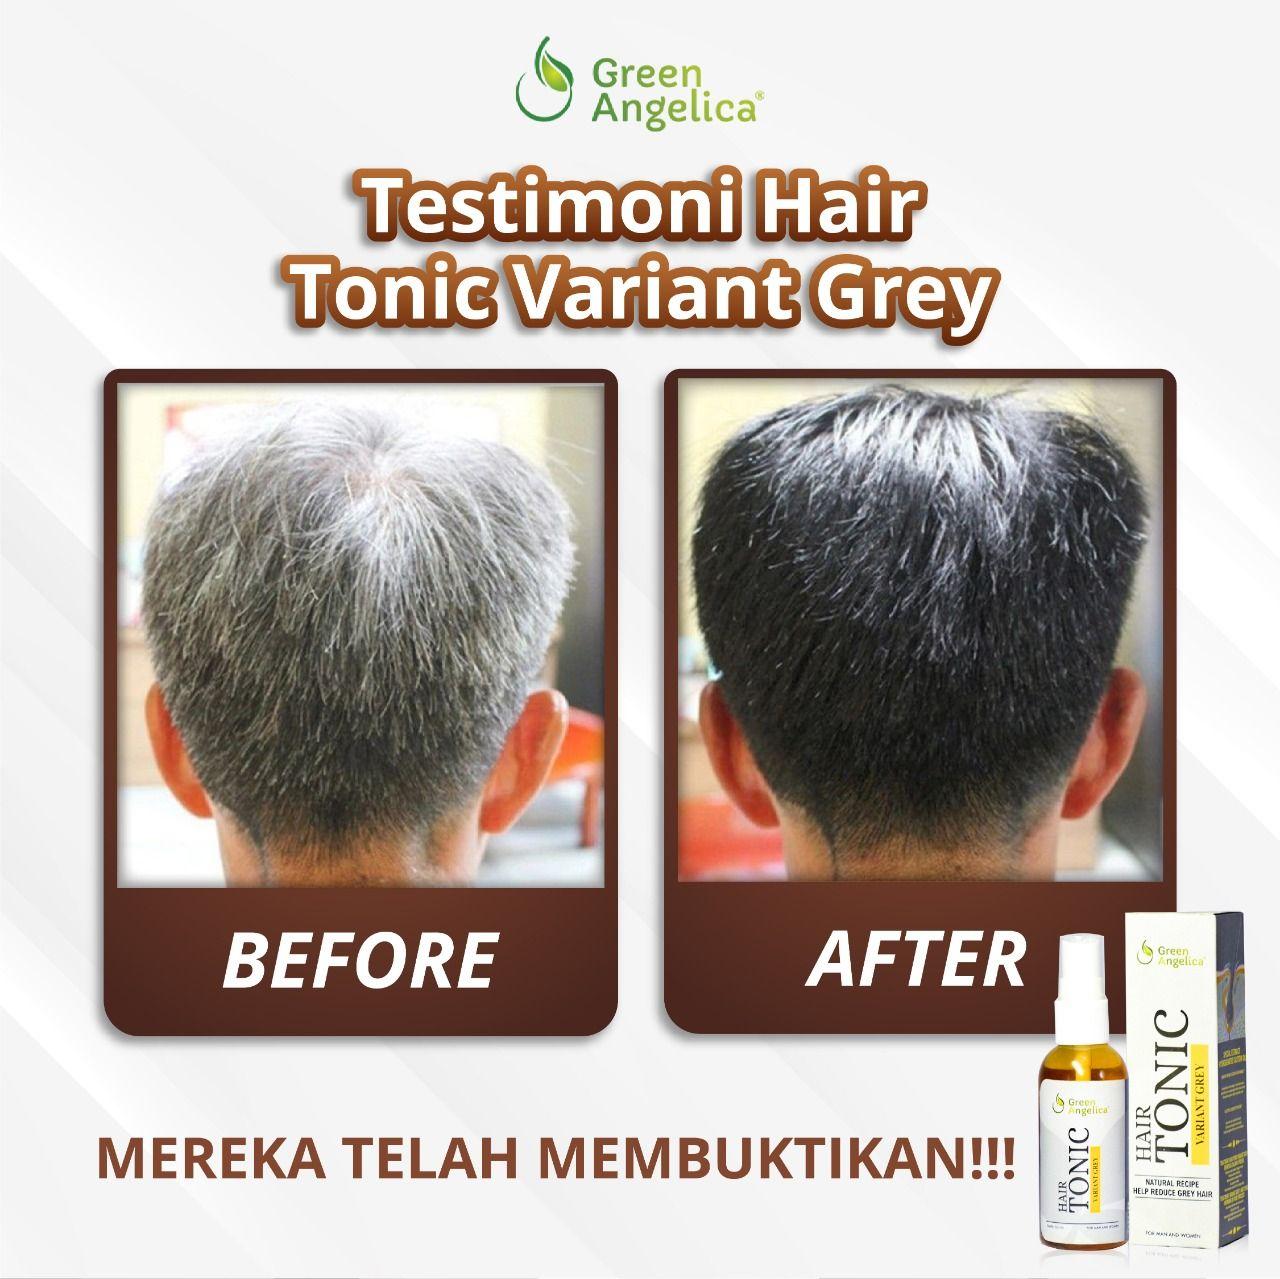 Hair Tonic Uban Green Angelica Menghitamkan Rambut Uban Dari Akar Rambut Hasil Permanen Teruji Bpom Rambut Hitam Rambut Rambut Bercabang